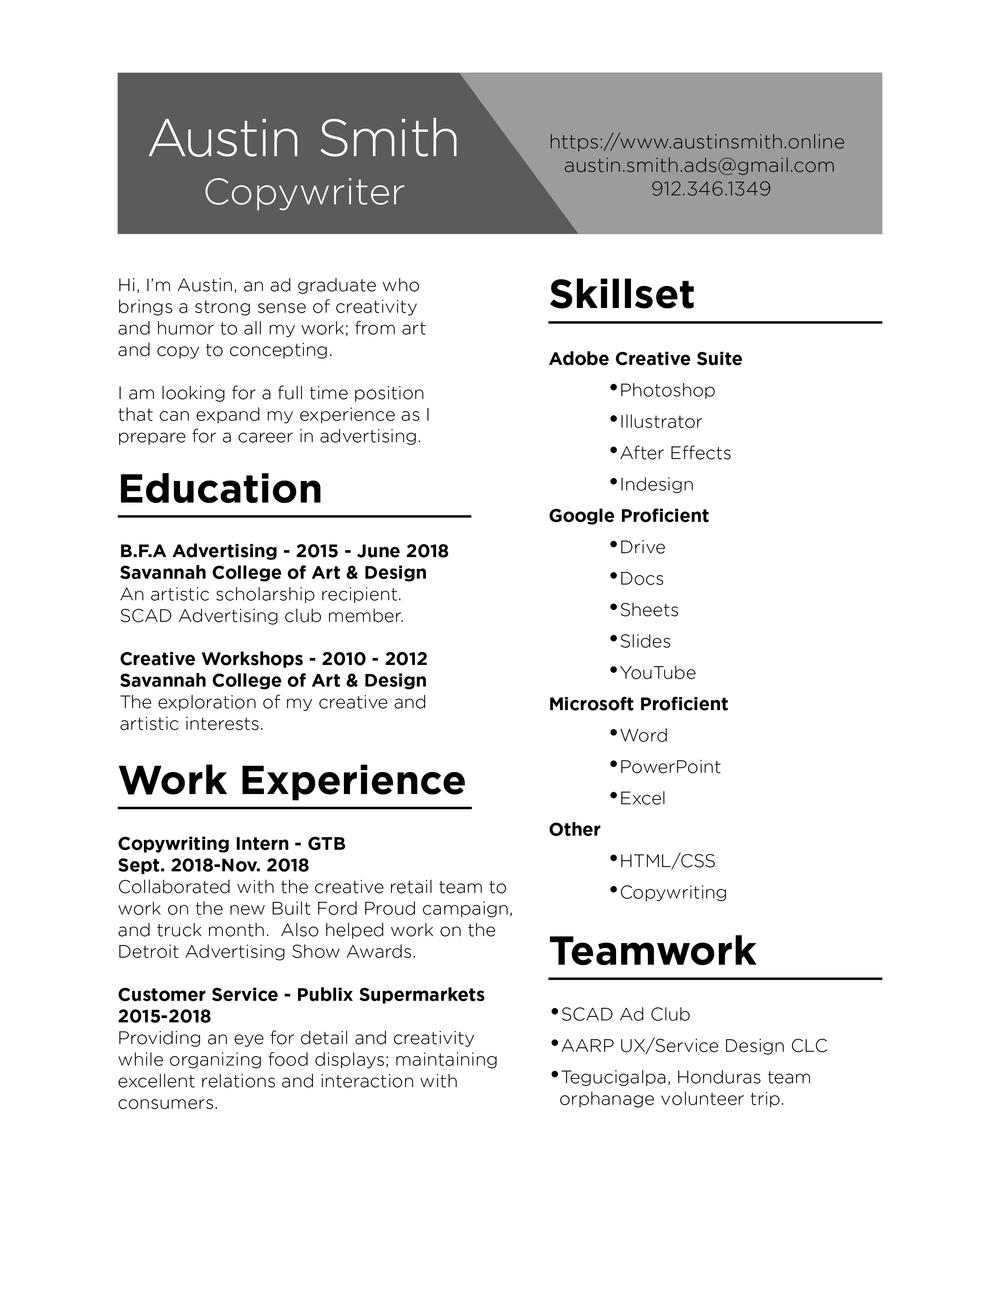 contact resume austin smith copywriter